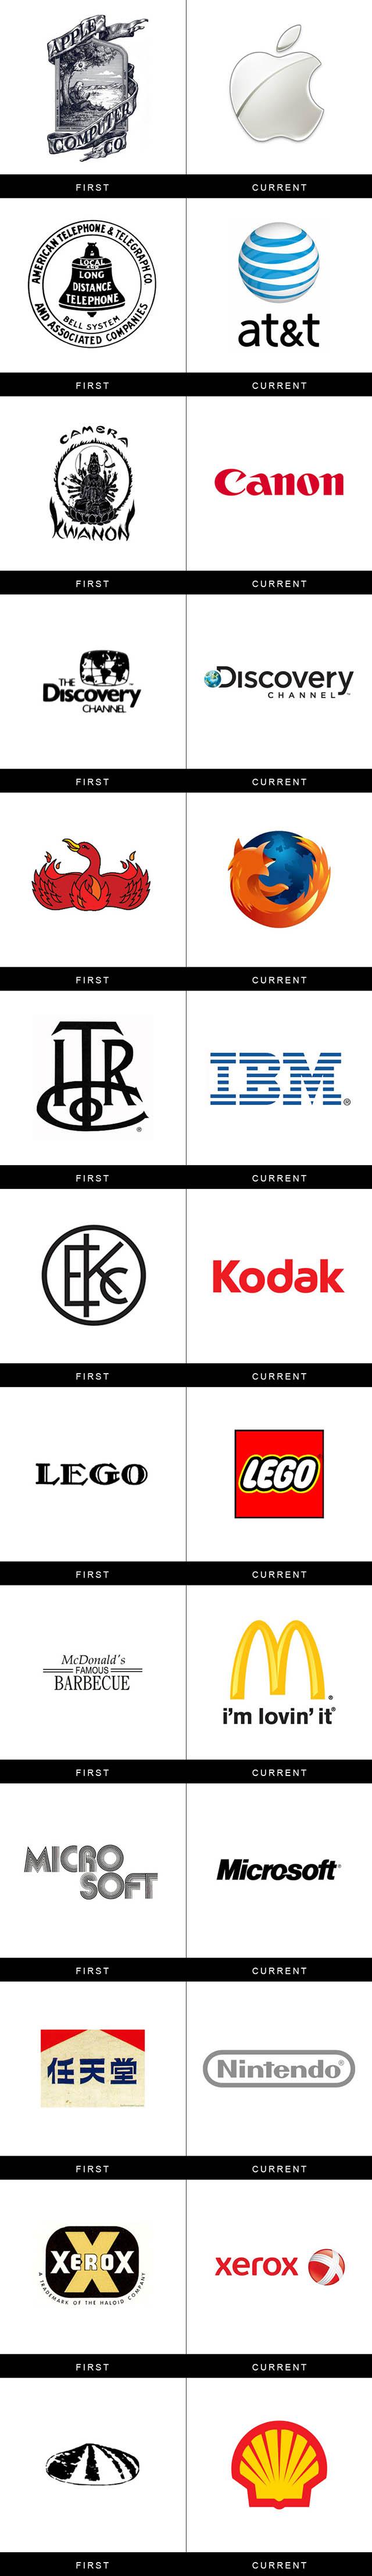 логотипы известных компаний: